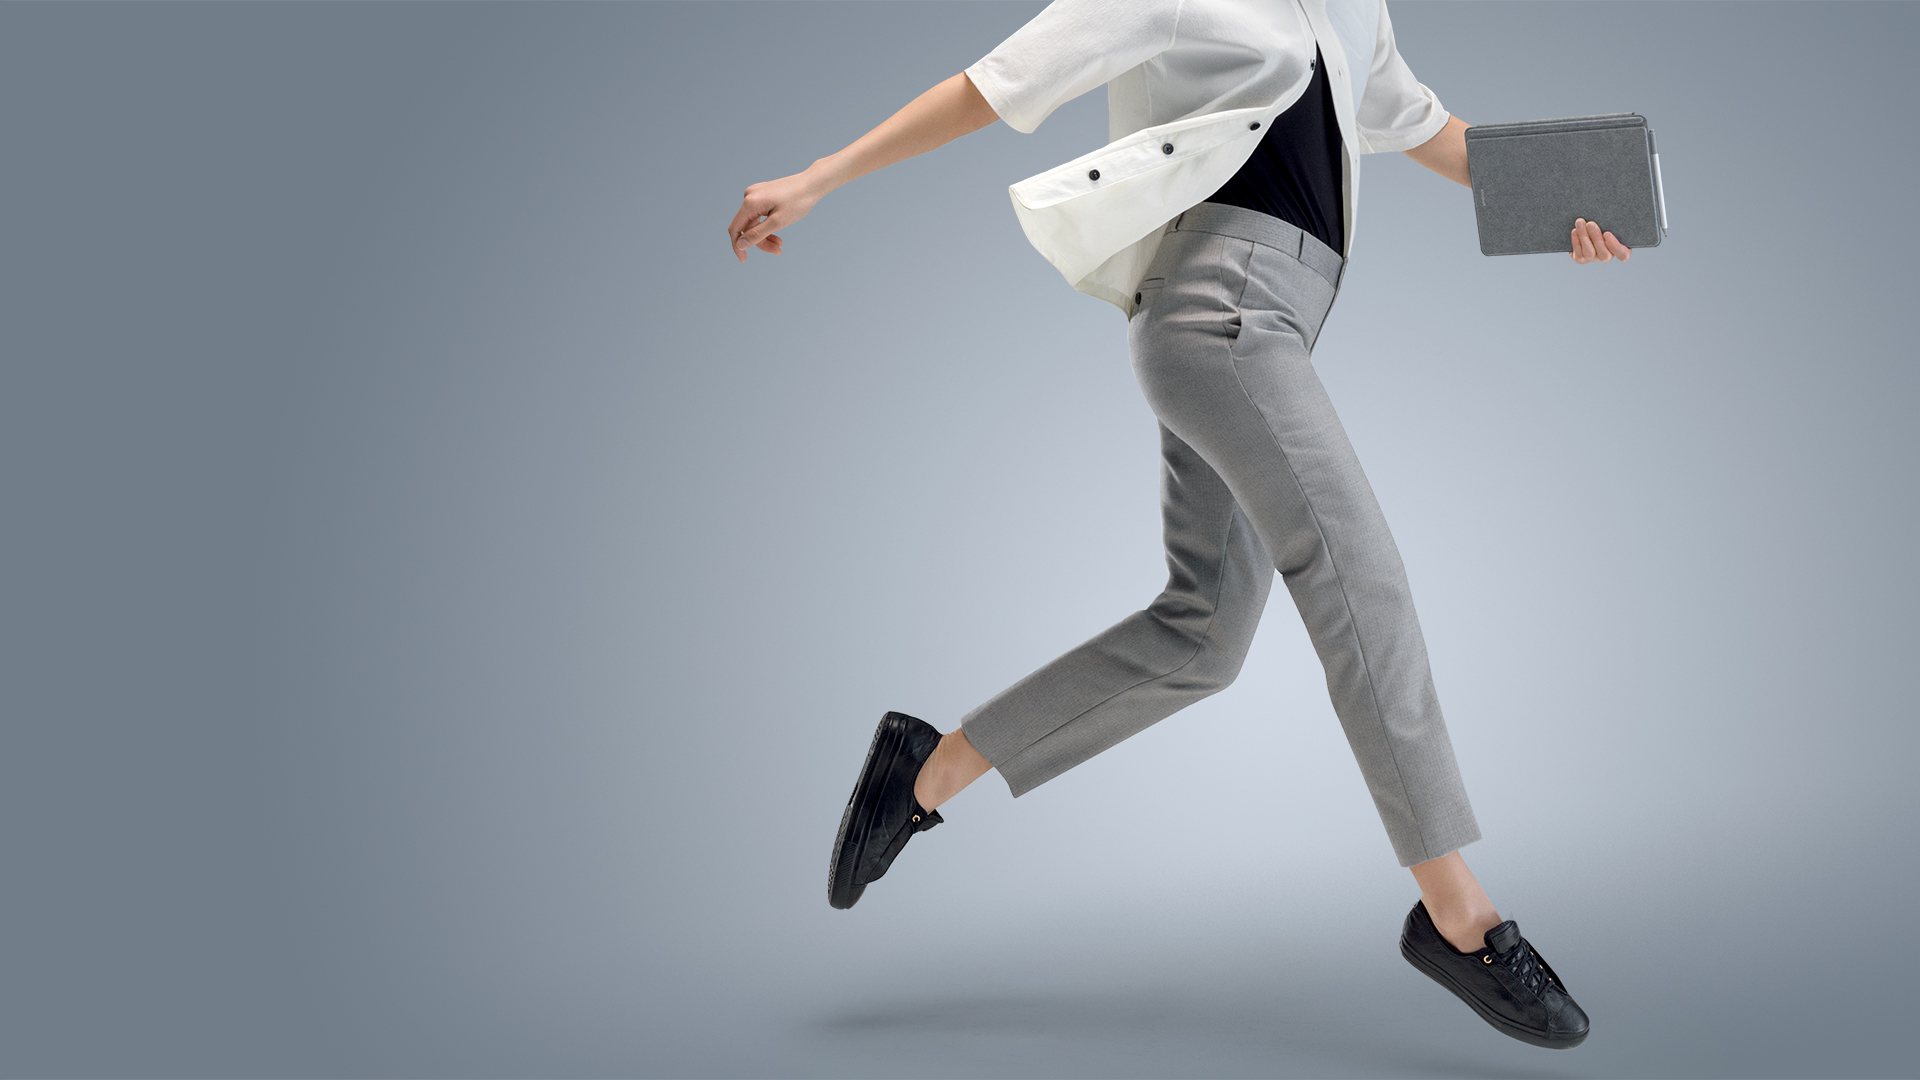 Une femme fait un saut alors qu'elle tient la Surface Go en mode tablette en main